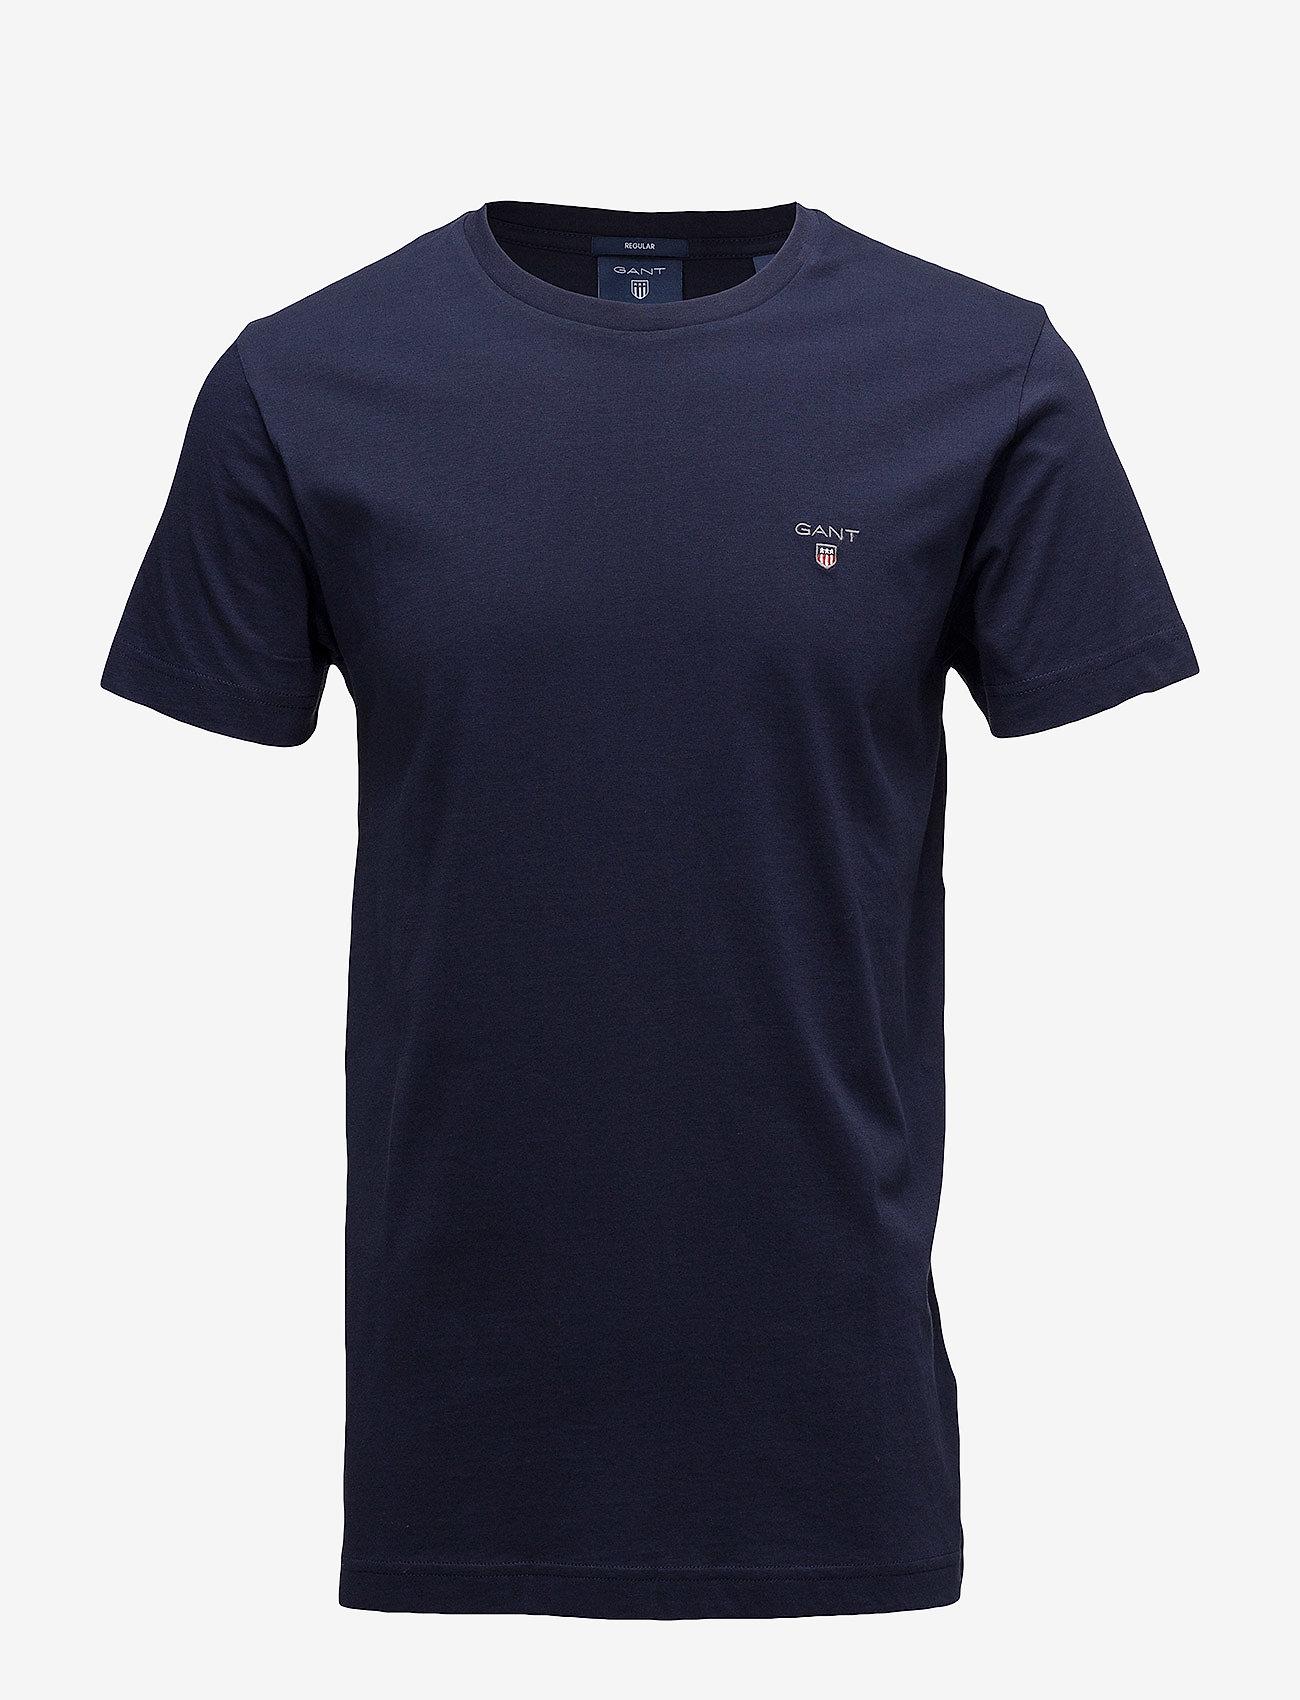 GANT - ORIGINAL SS T-SHIRT - short-sleeved t-shirts - evening blue - 0